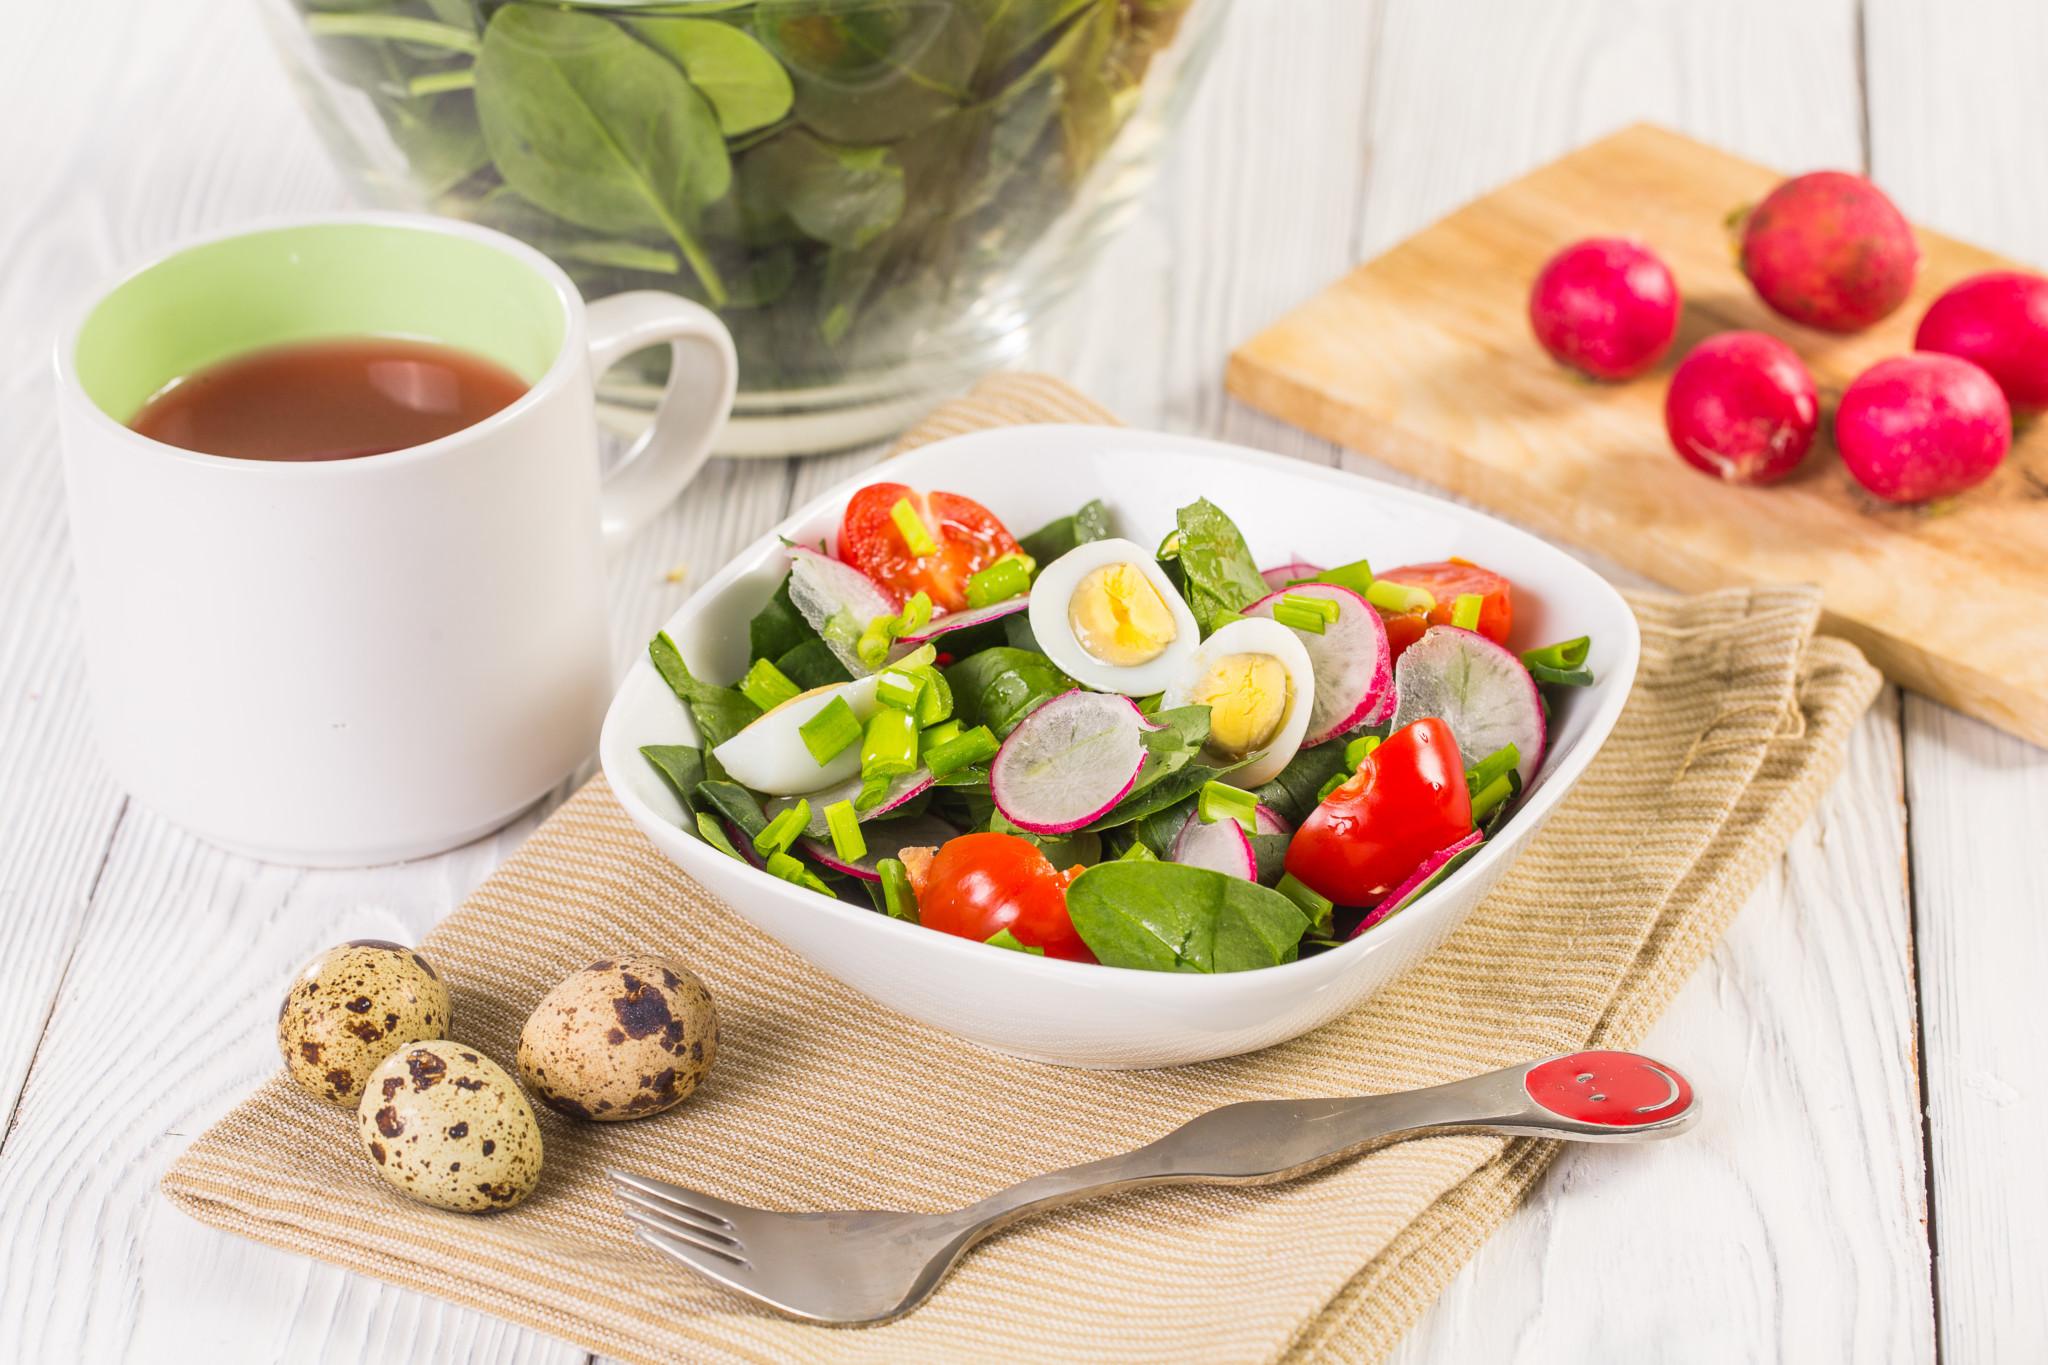 Салат «Витаминный» с перепелиными яйцами